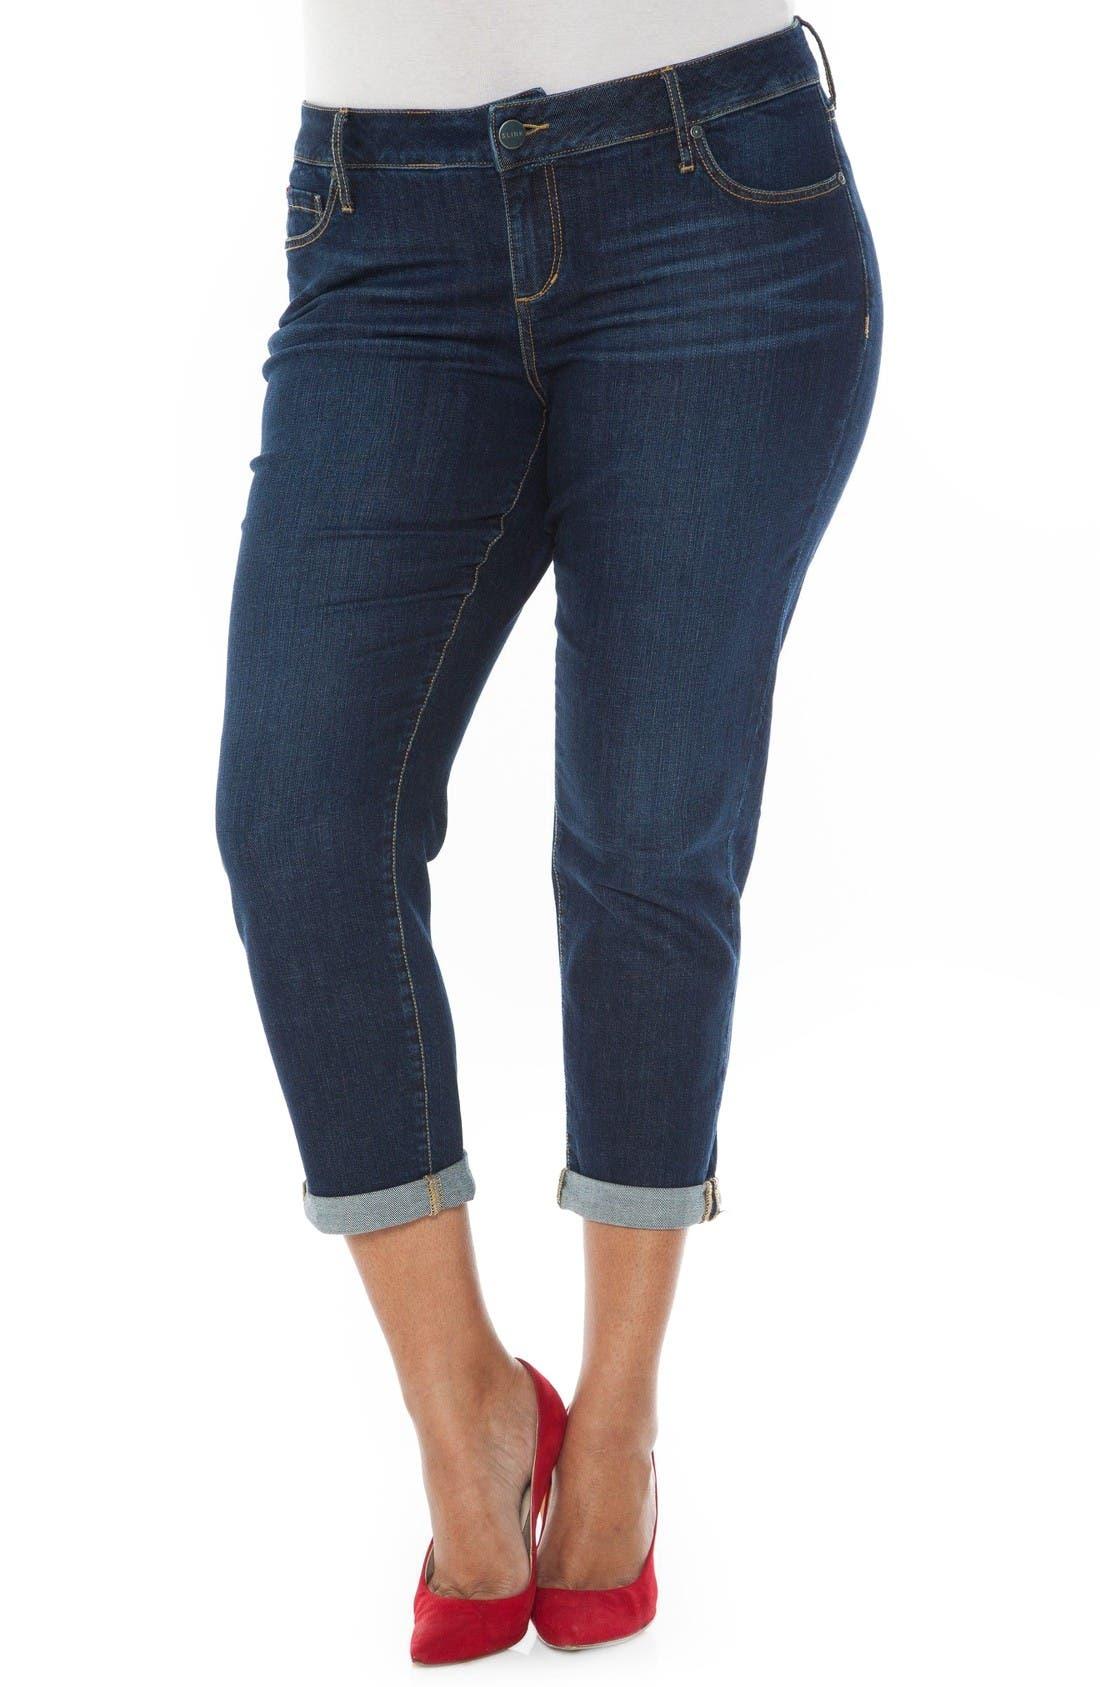 SLINK Jeans Roll Crop Boyfriend Jeans (Amber) (Plus Size) | Nordstrom